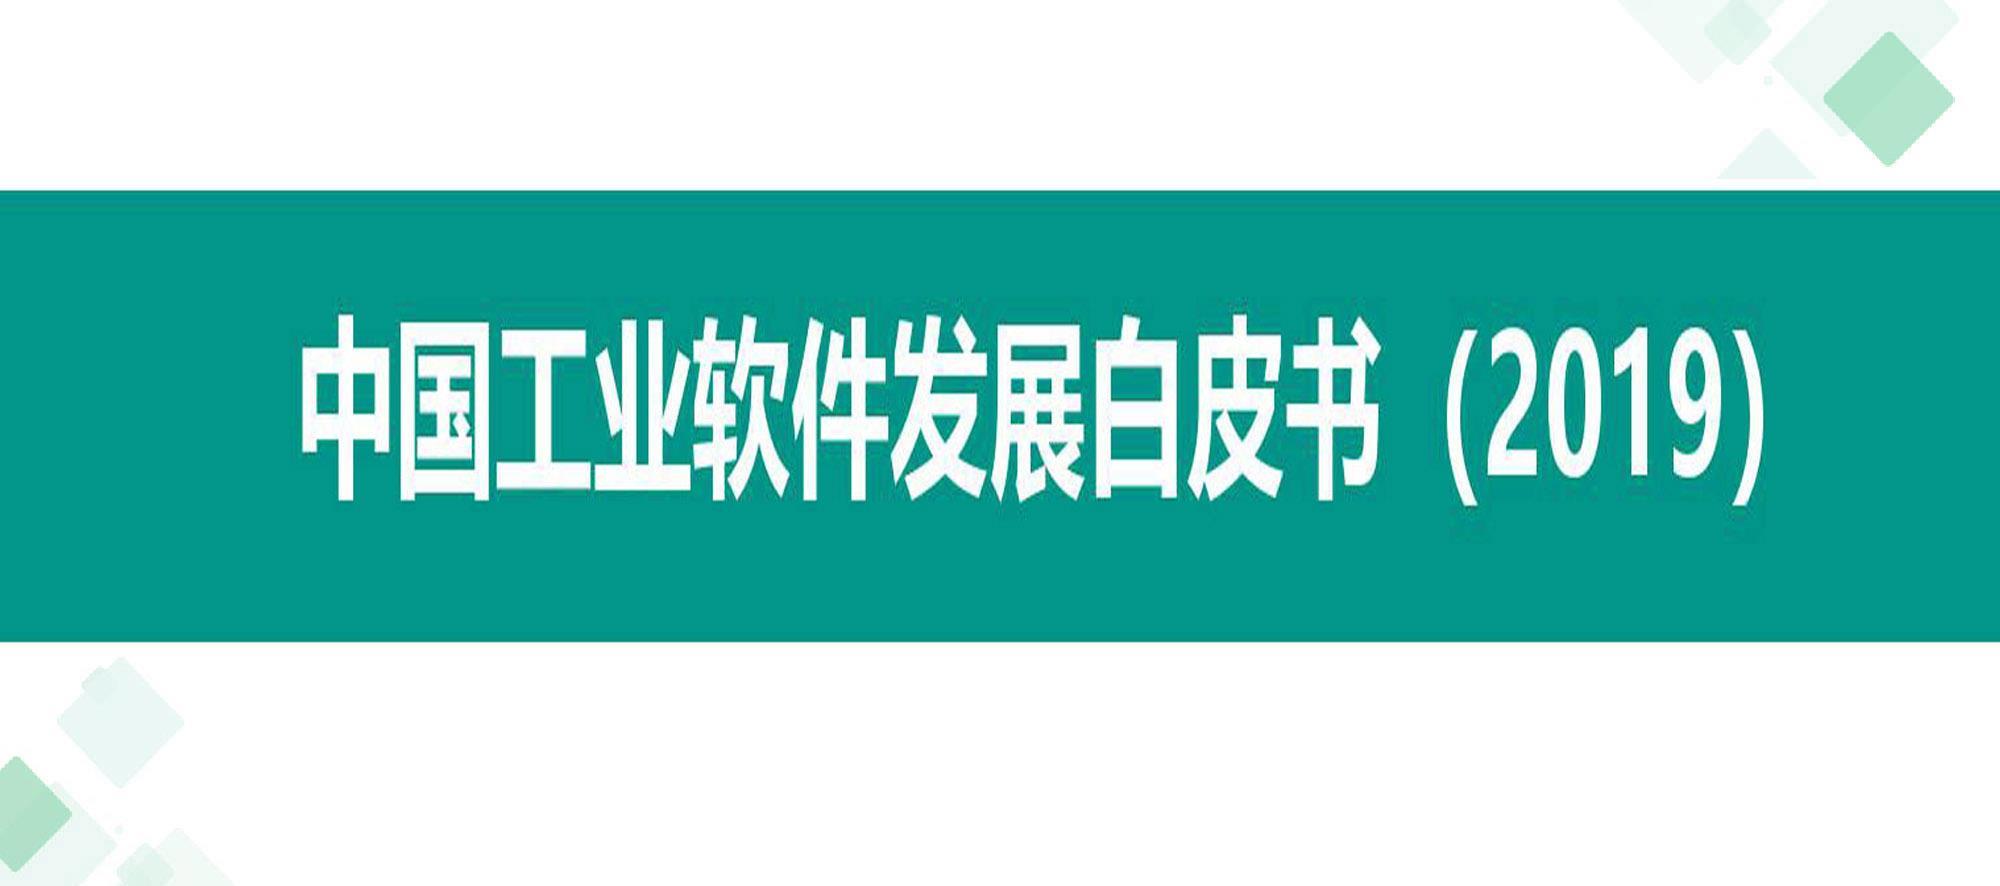 2019年中國工業軟件發展白皮書